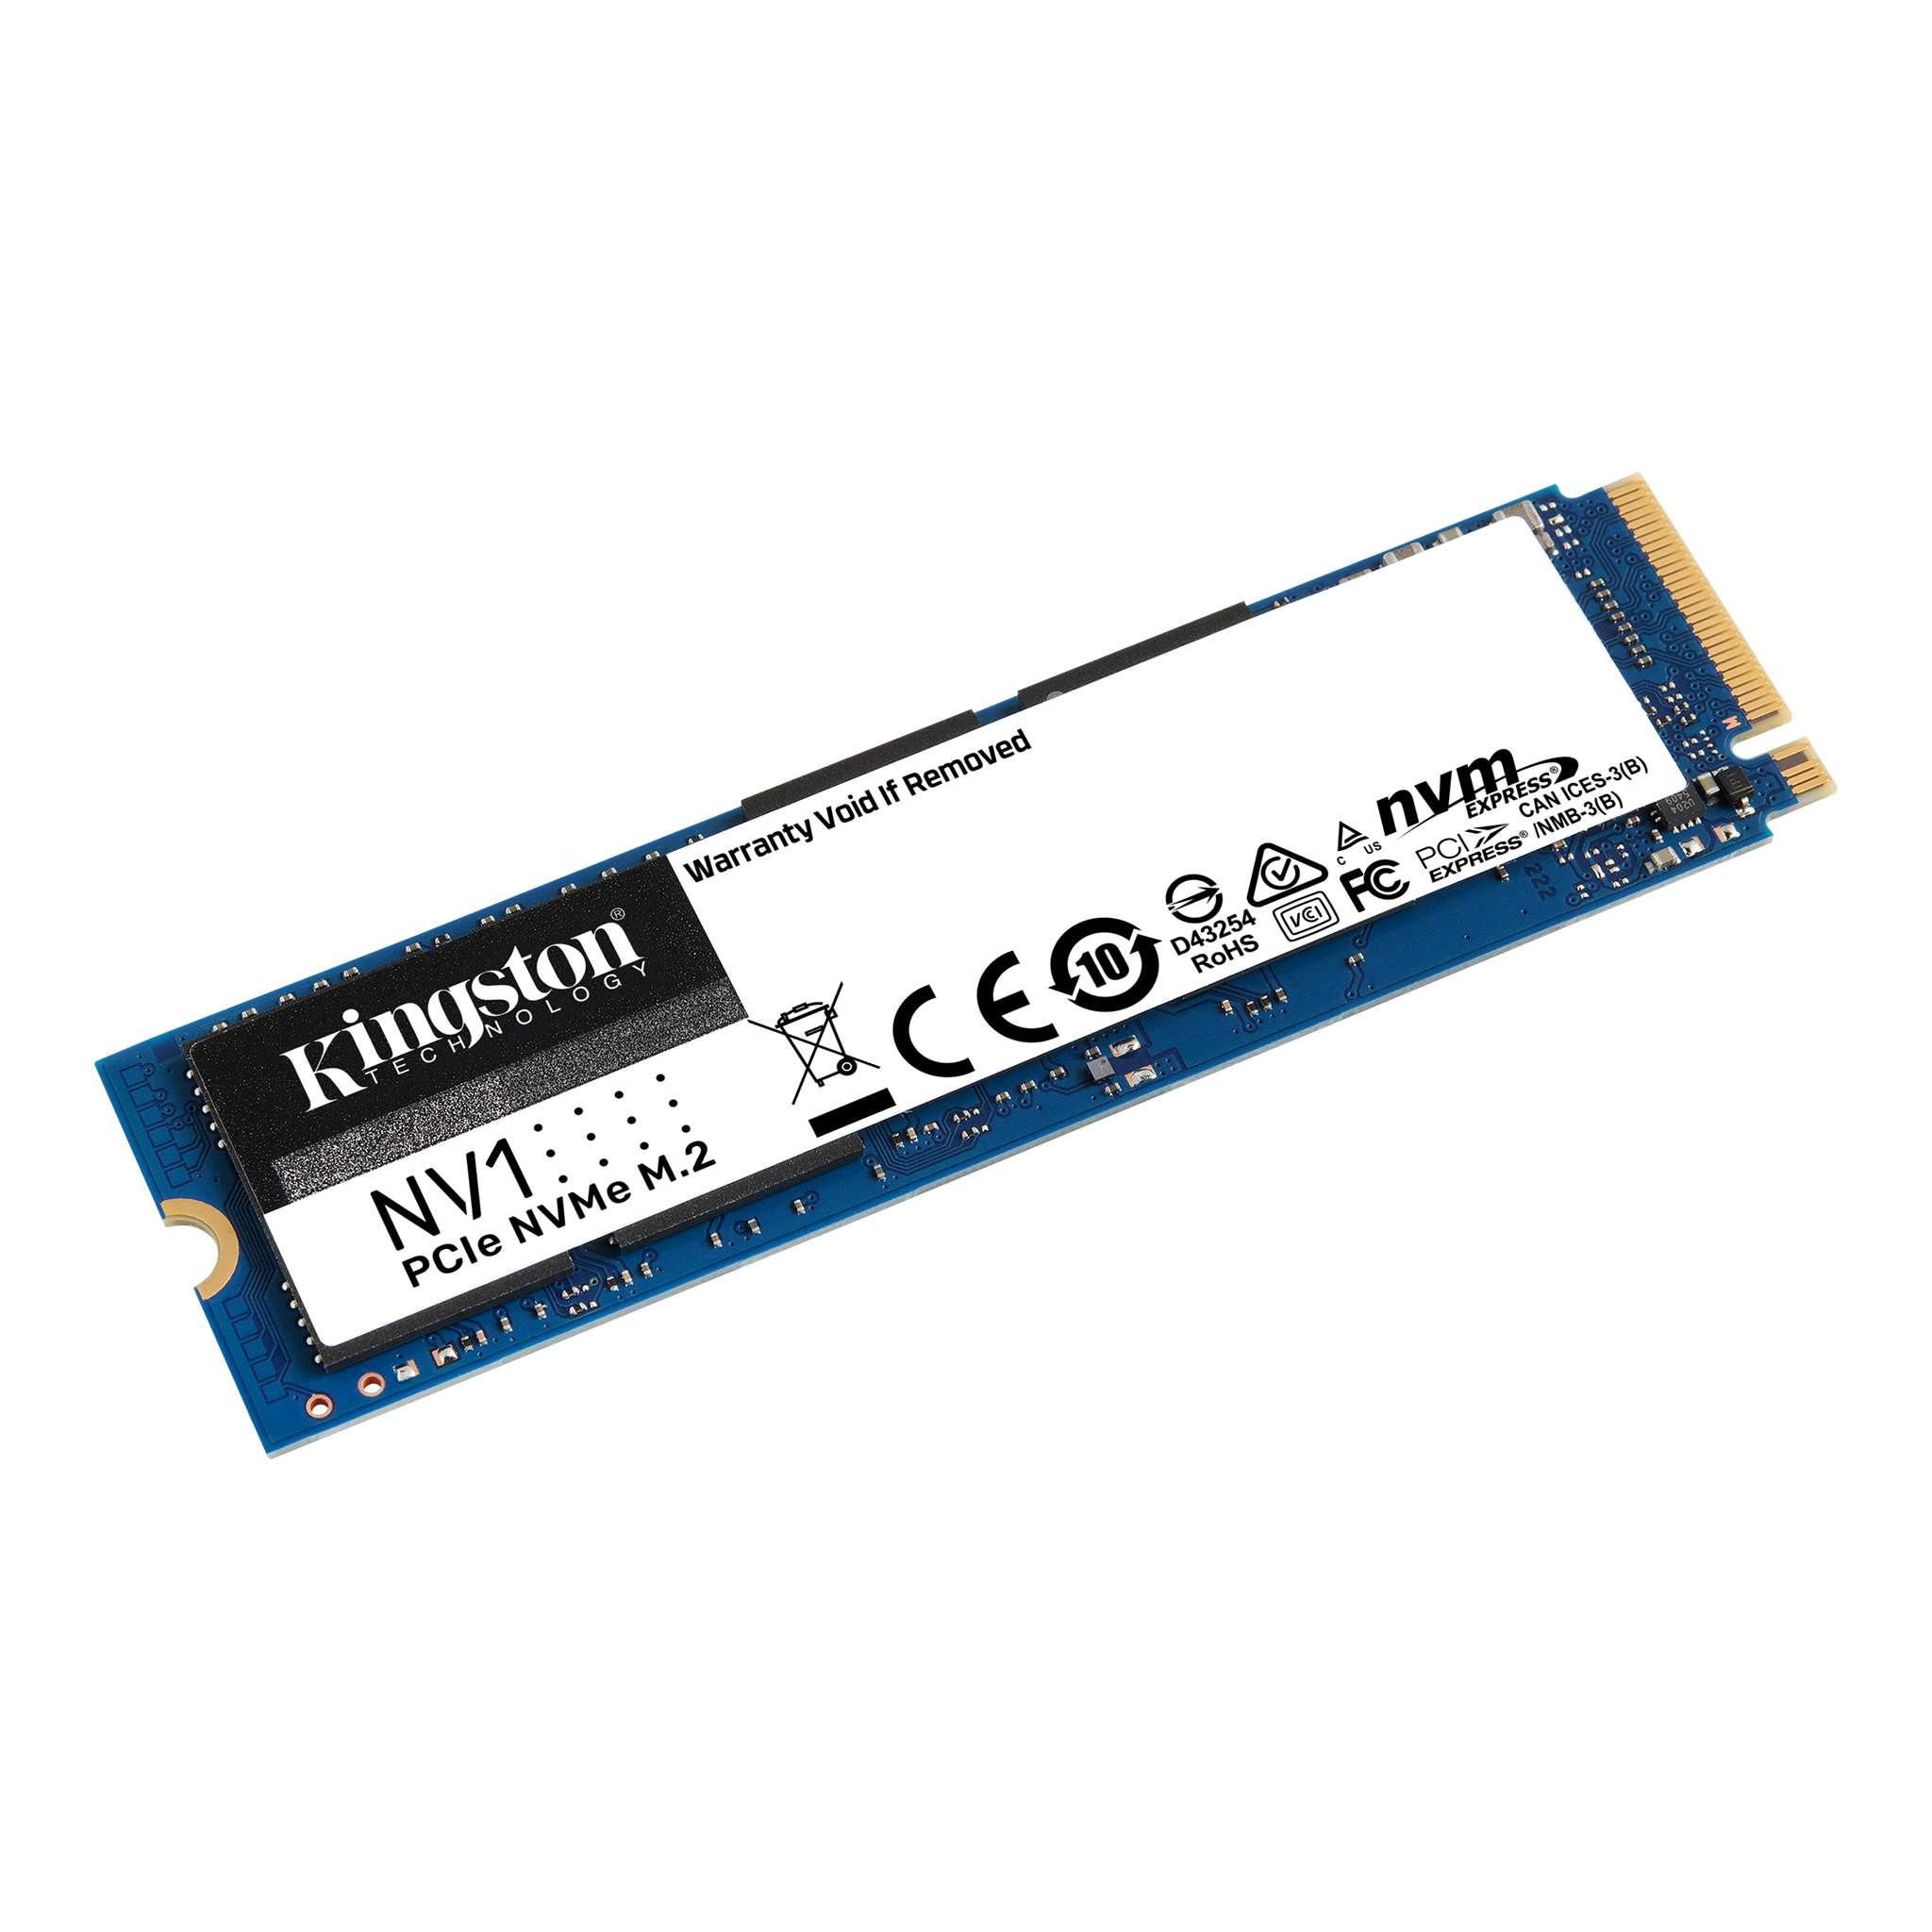 Kingston 2 TB SSD - intern - M.2 2280 - PCI Express 3.0 x4 (NVMe)